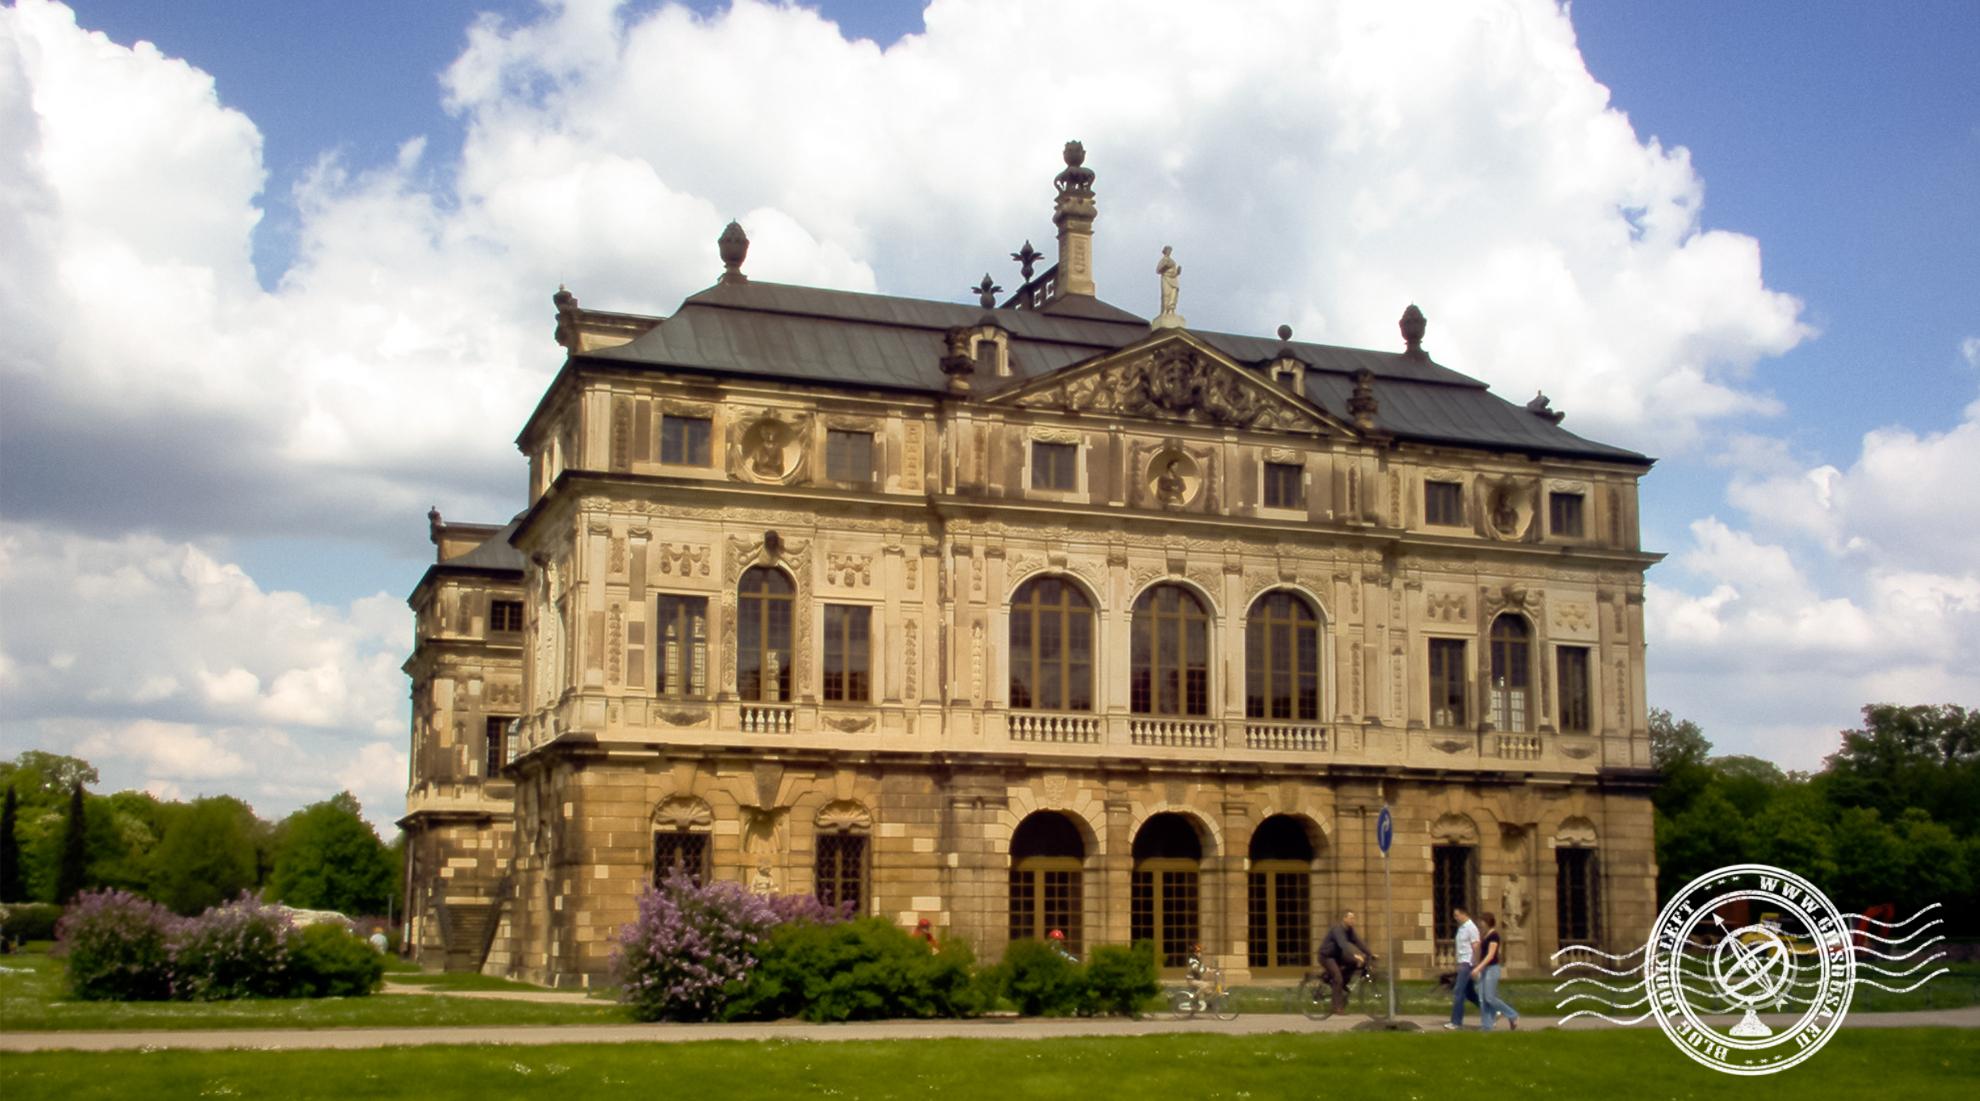 Großer Garten's Palace